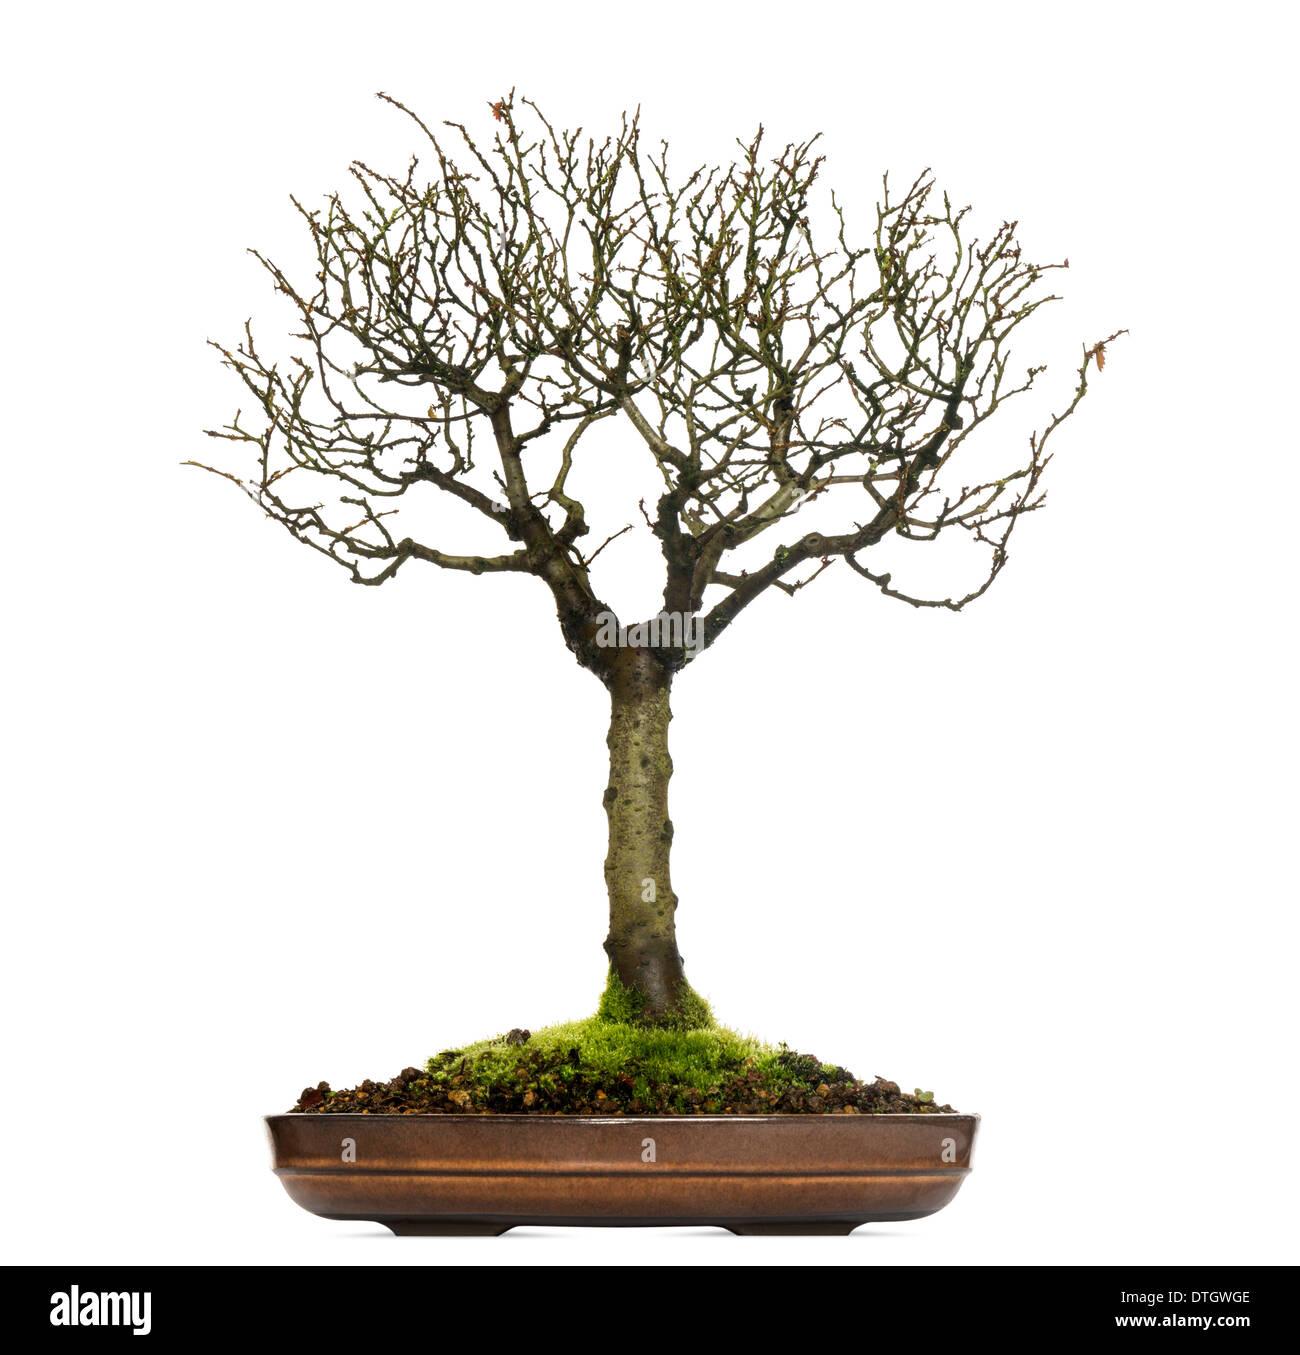 Zelkova bonsai tree, against white background - Stock Image